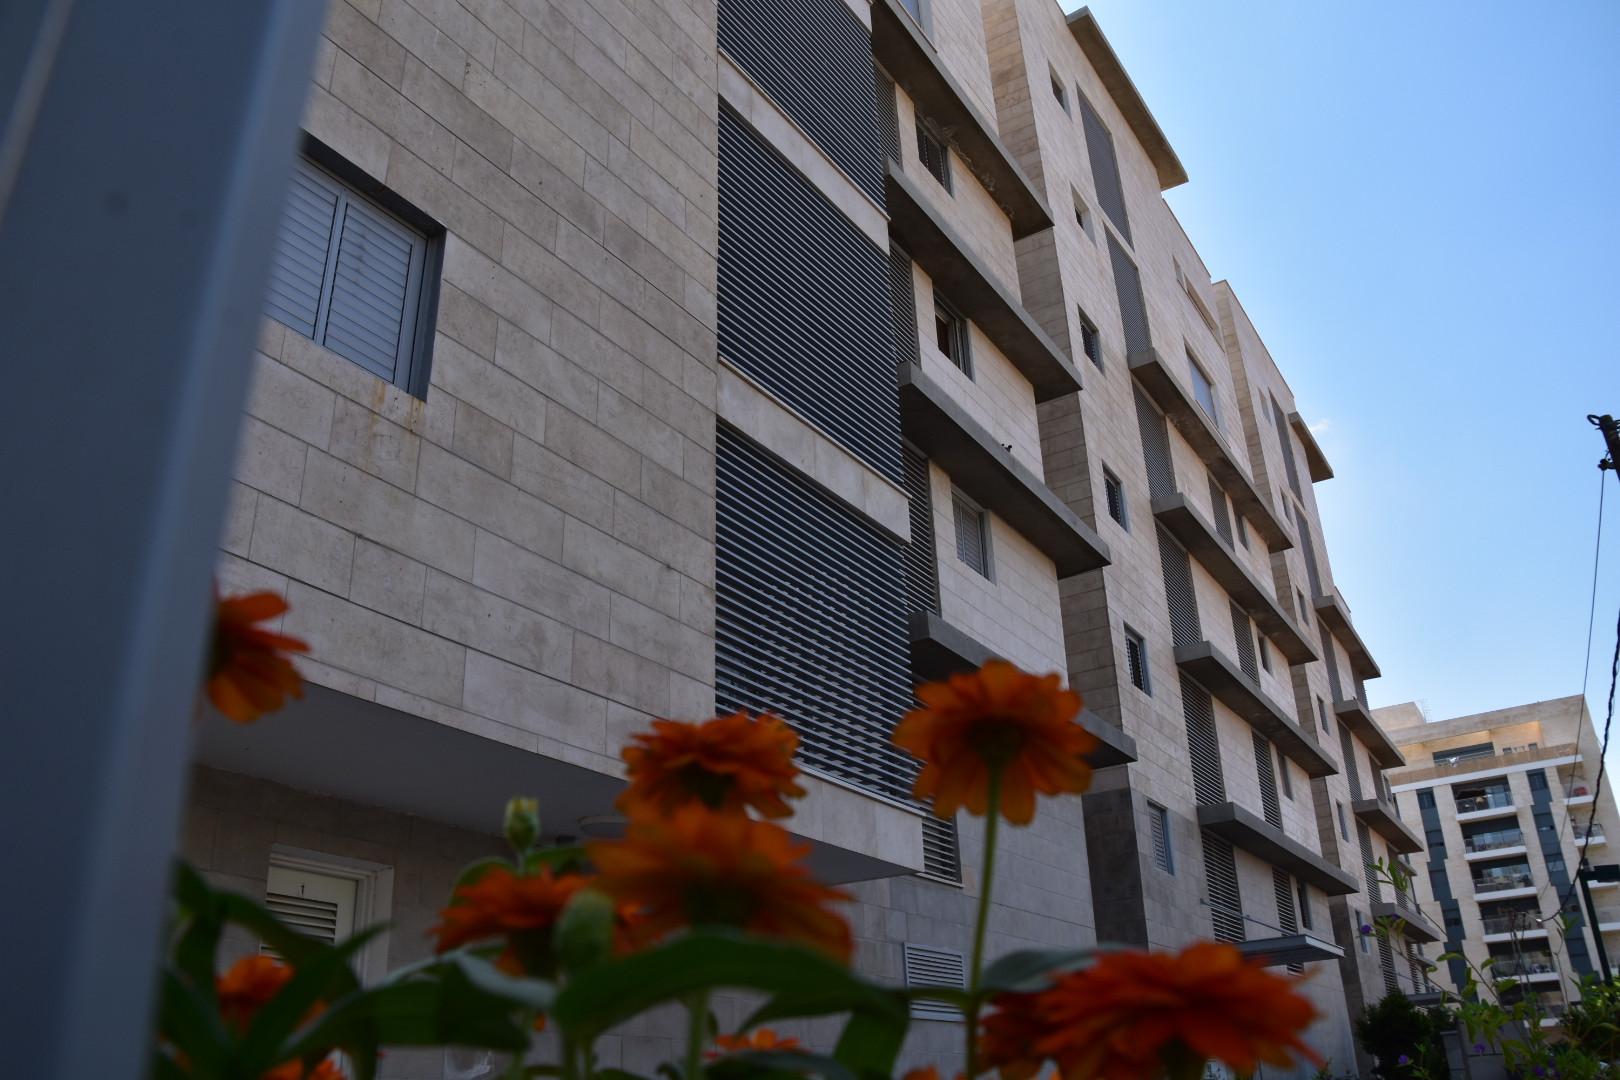 בית פיקס - ניהול ואחזקת מבנים - 1